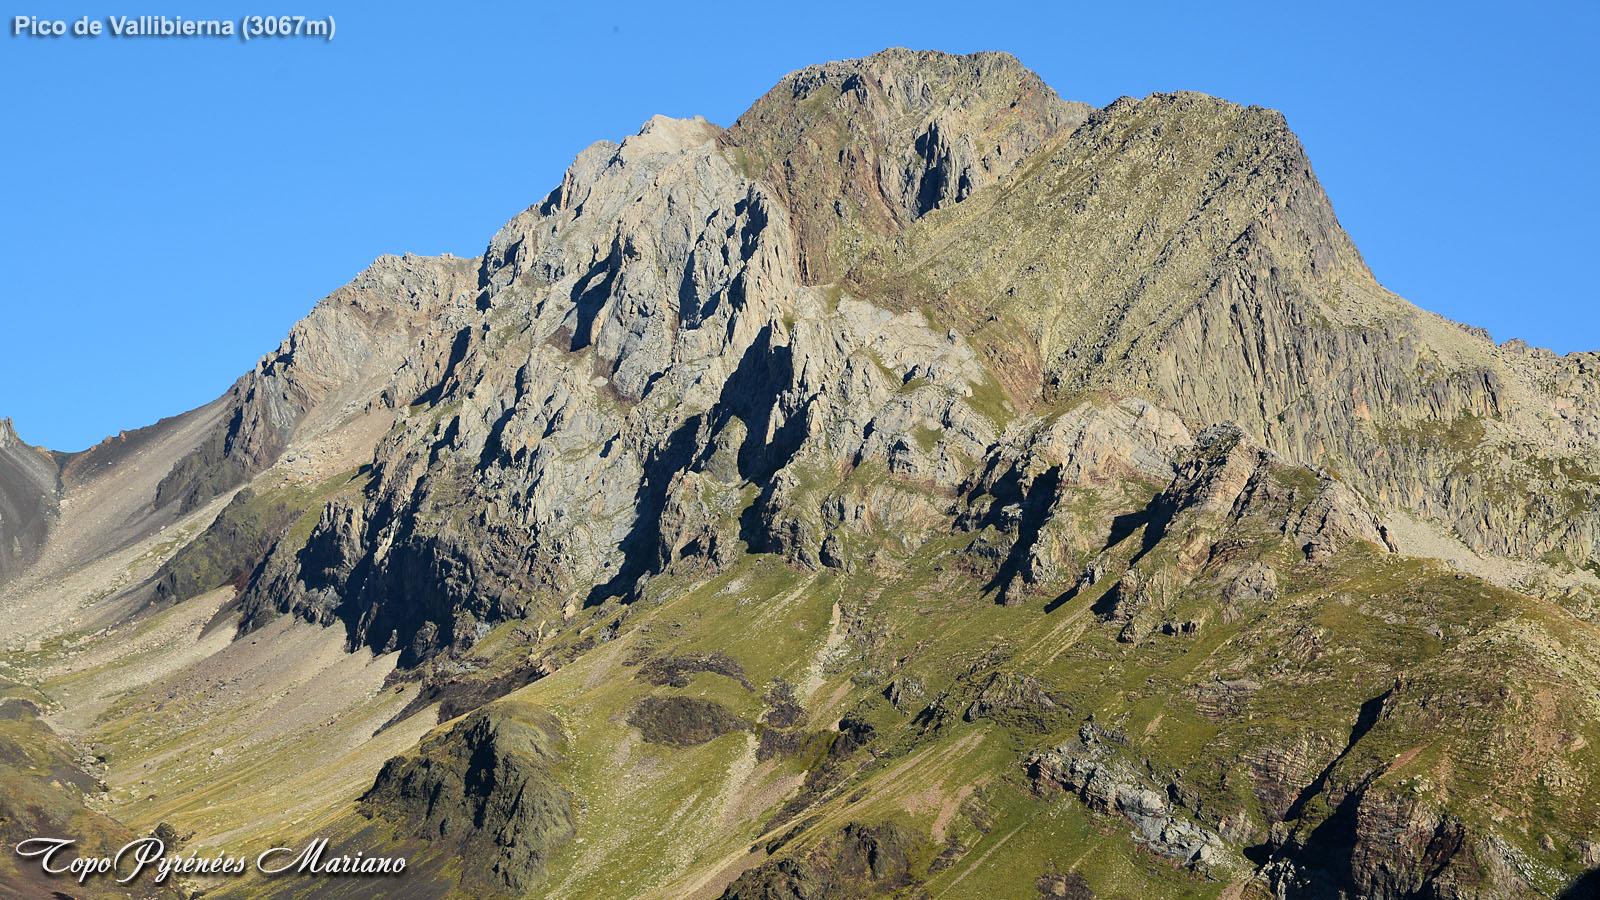 Randonnée Pico de Vallibierna (3067m) et Tuca de las Culebras (3062m)